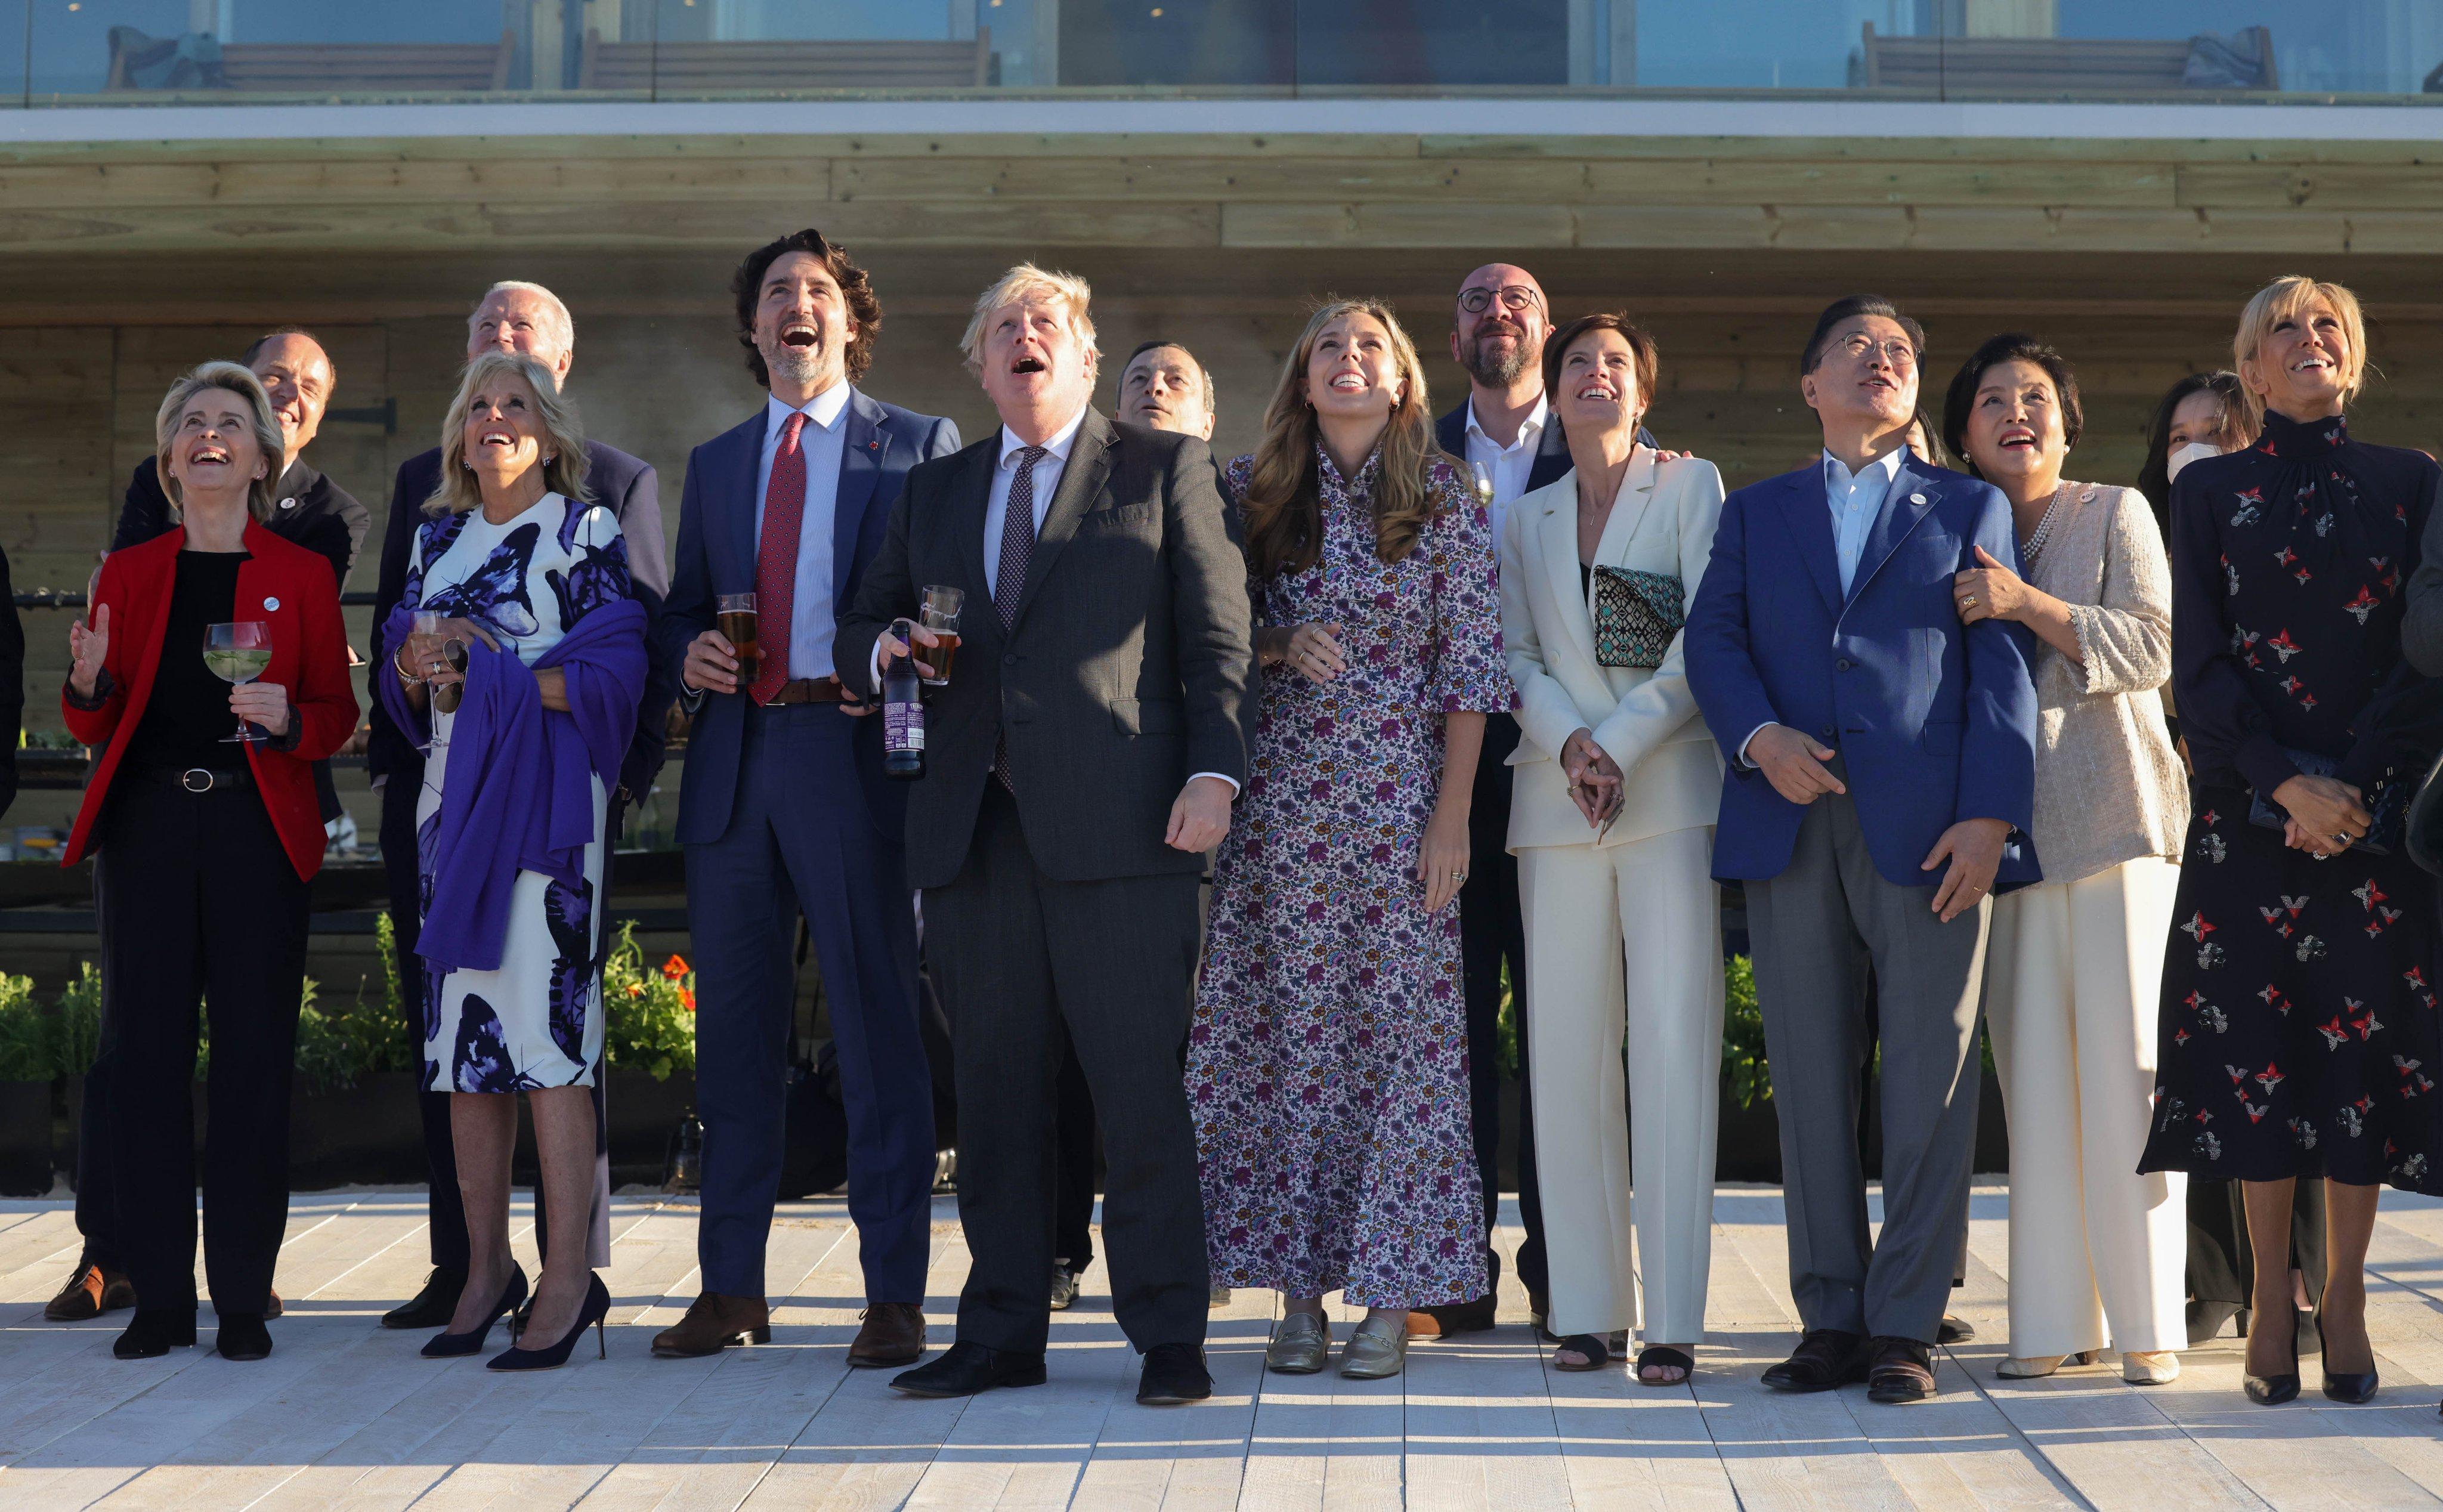 ब्रिटेन की एयरफोर्स की कलाबाजी देखते G-7 देशों के नेता।